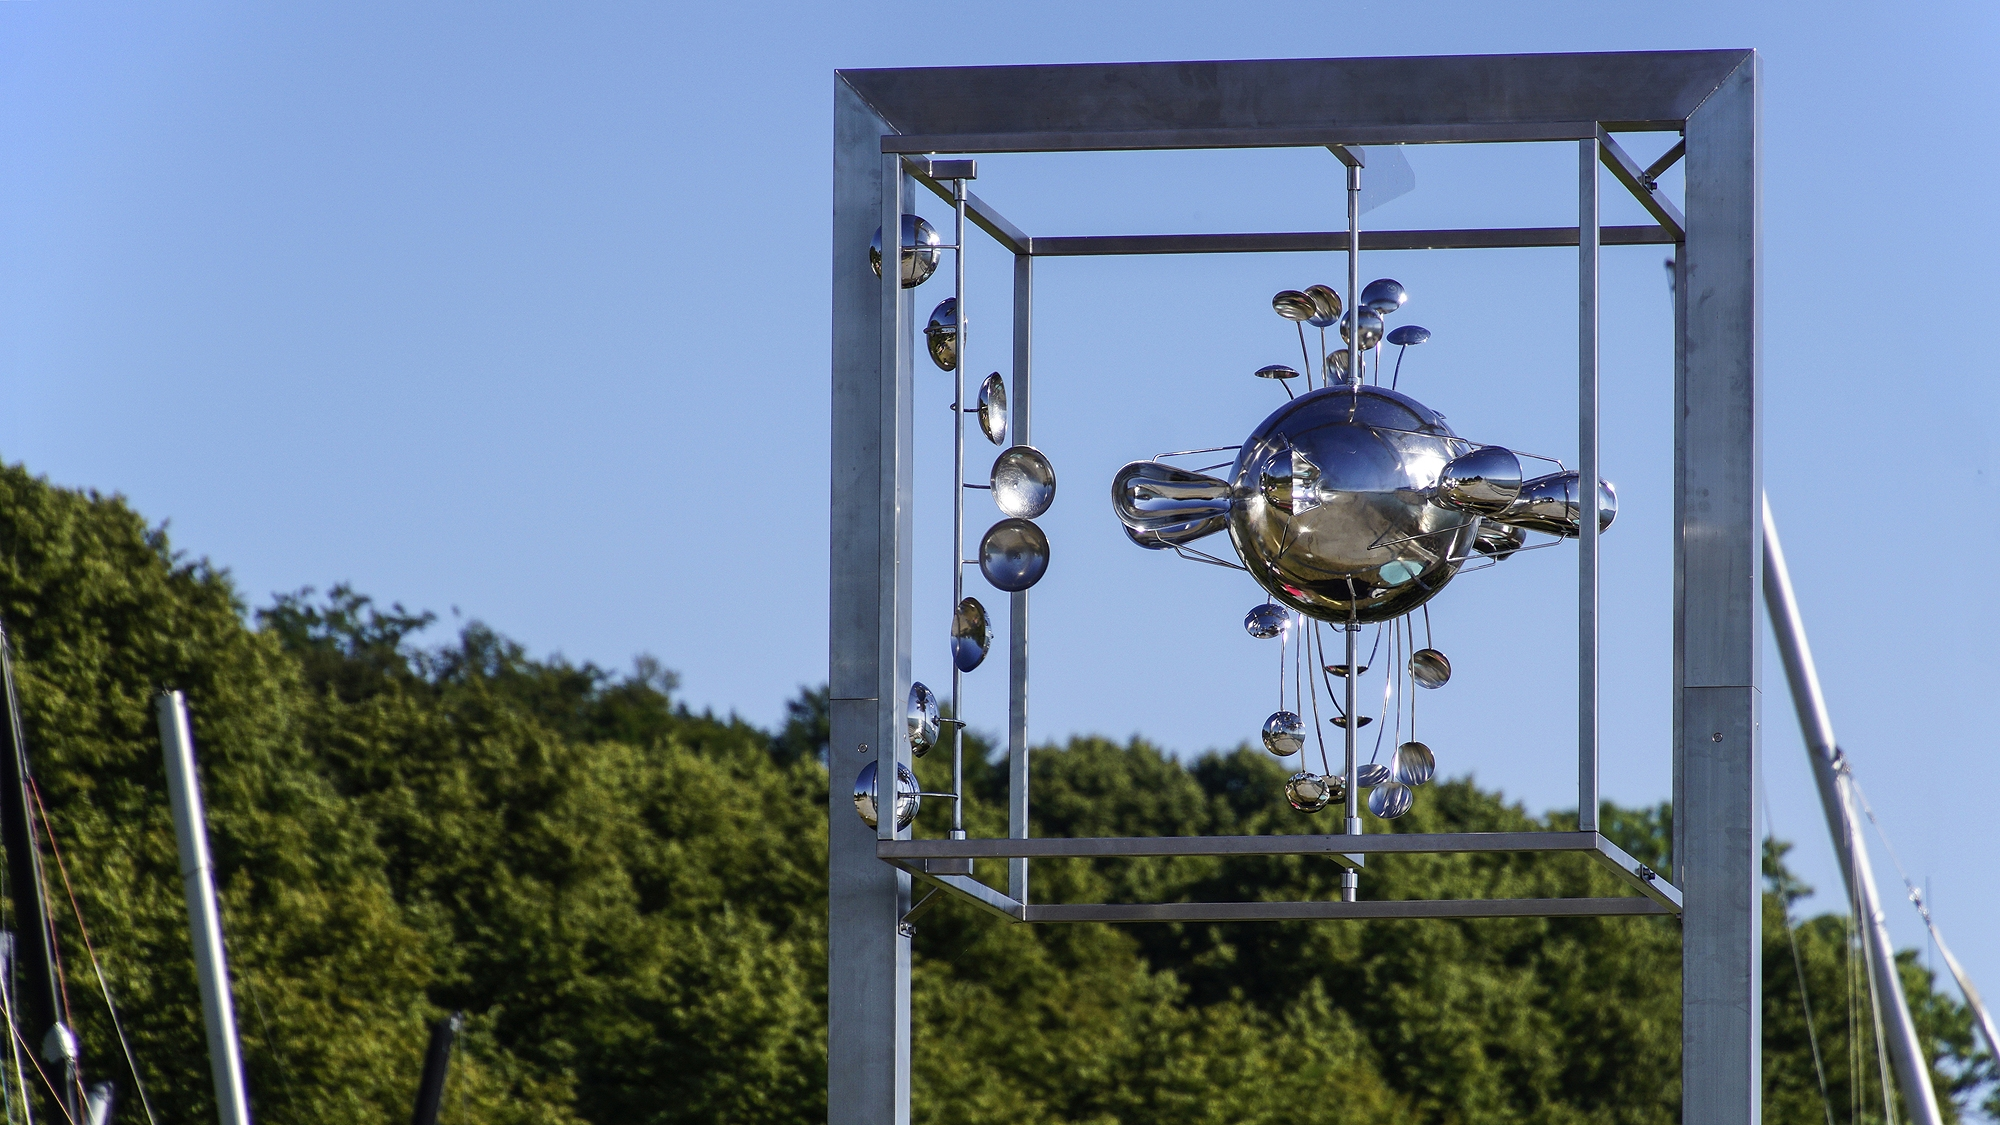 Kinetische Skulptur von Andreas Liebelt in Travemünde © TraveMedia